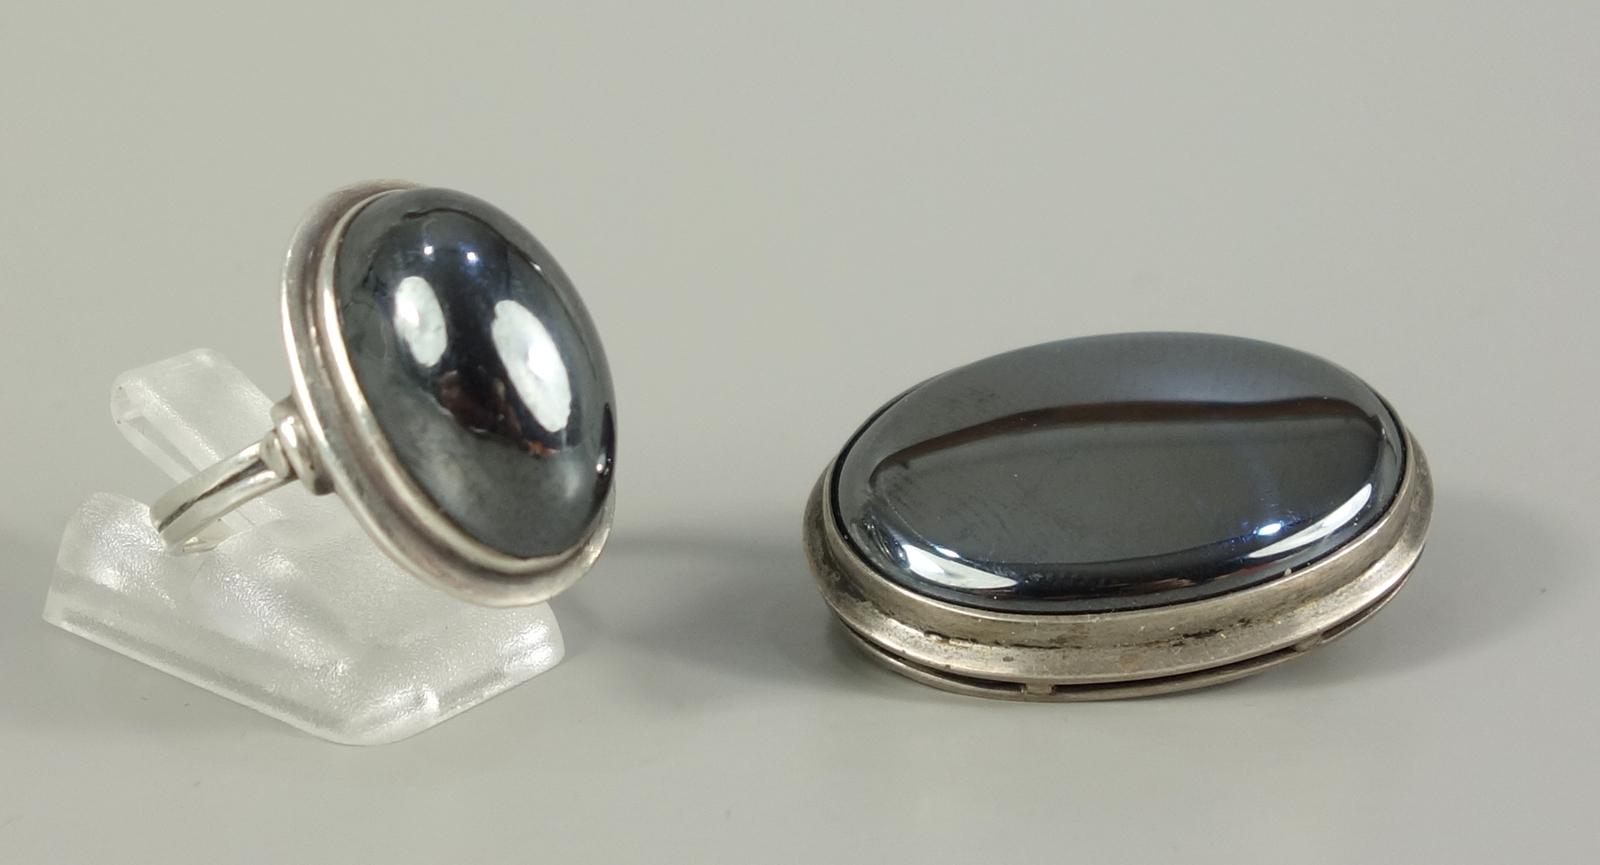 Brosche und Ring mit Hämatit, 835er Silber, Gesamt-Gew.22,25g, Brosche, L.2,8*2,1cm, Ring-U.58Brooch